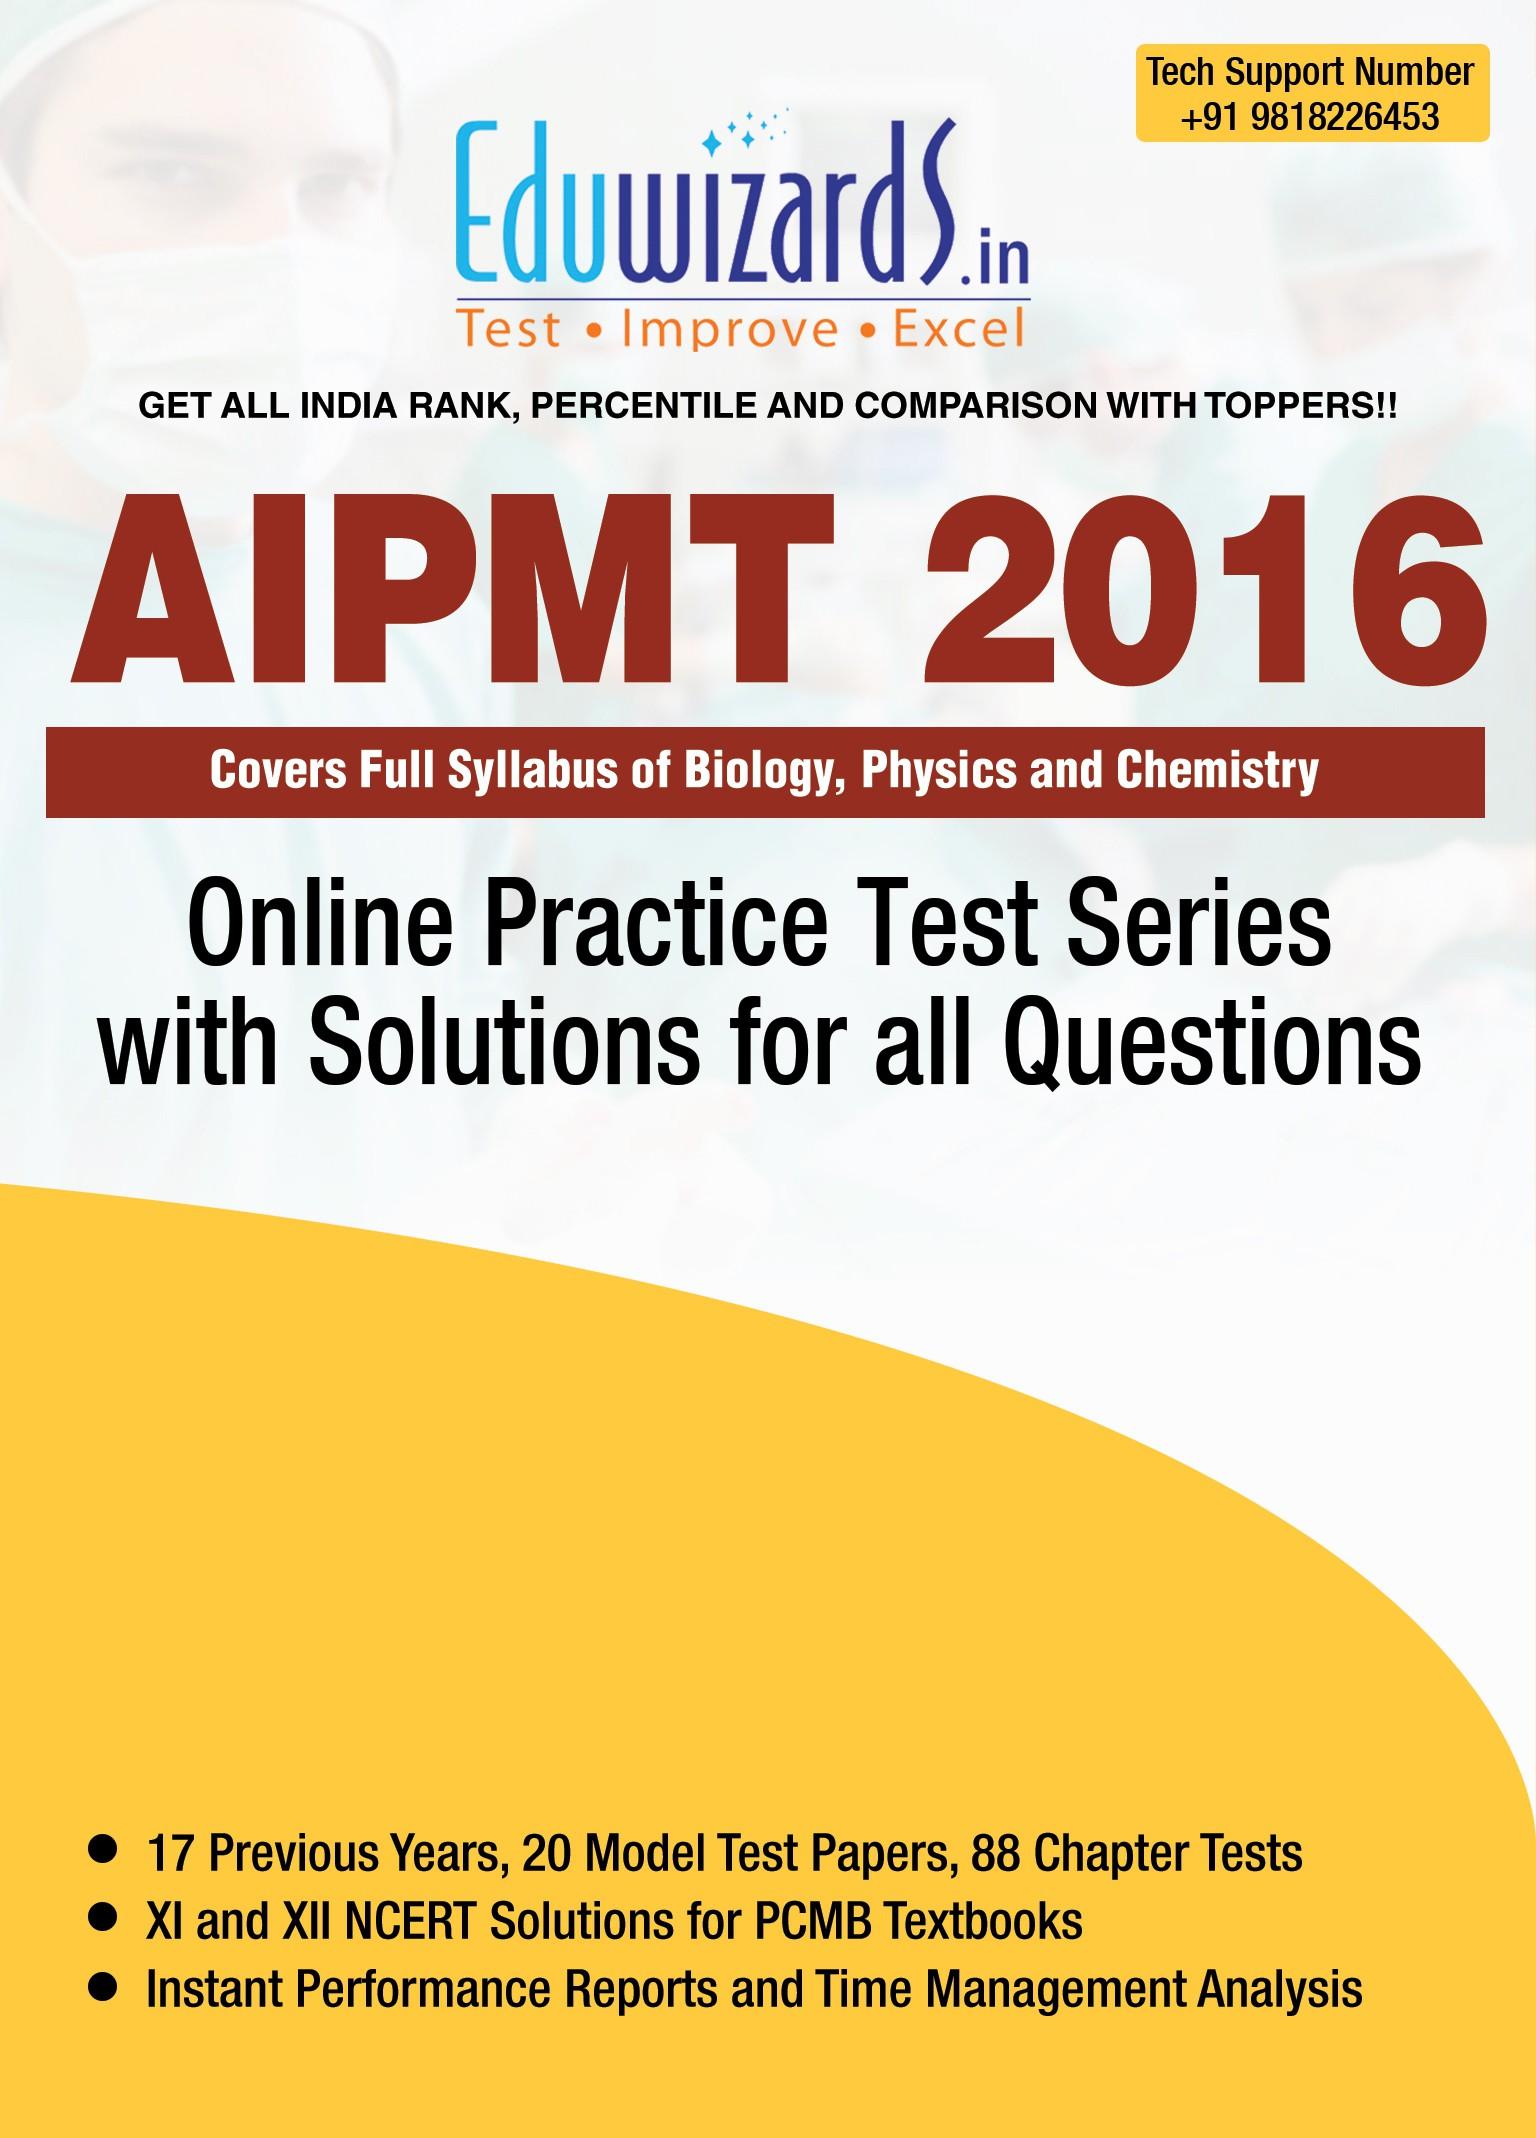 Eduwizards AIPMT 2016 Online Test Series Online Test(Voucher)